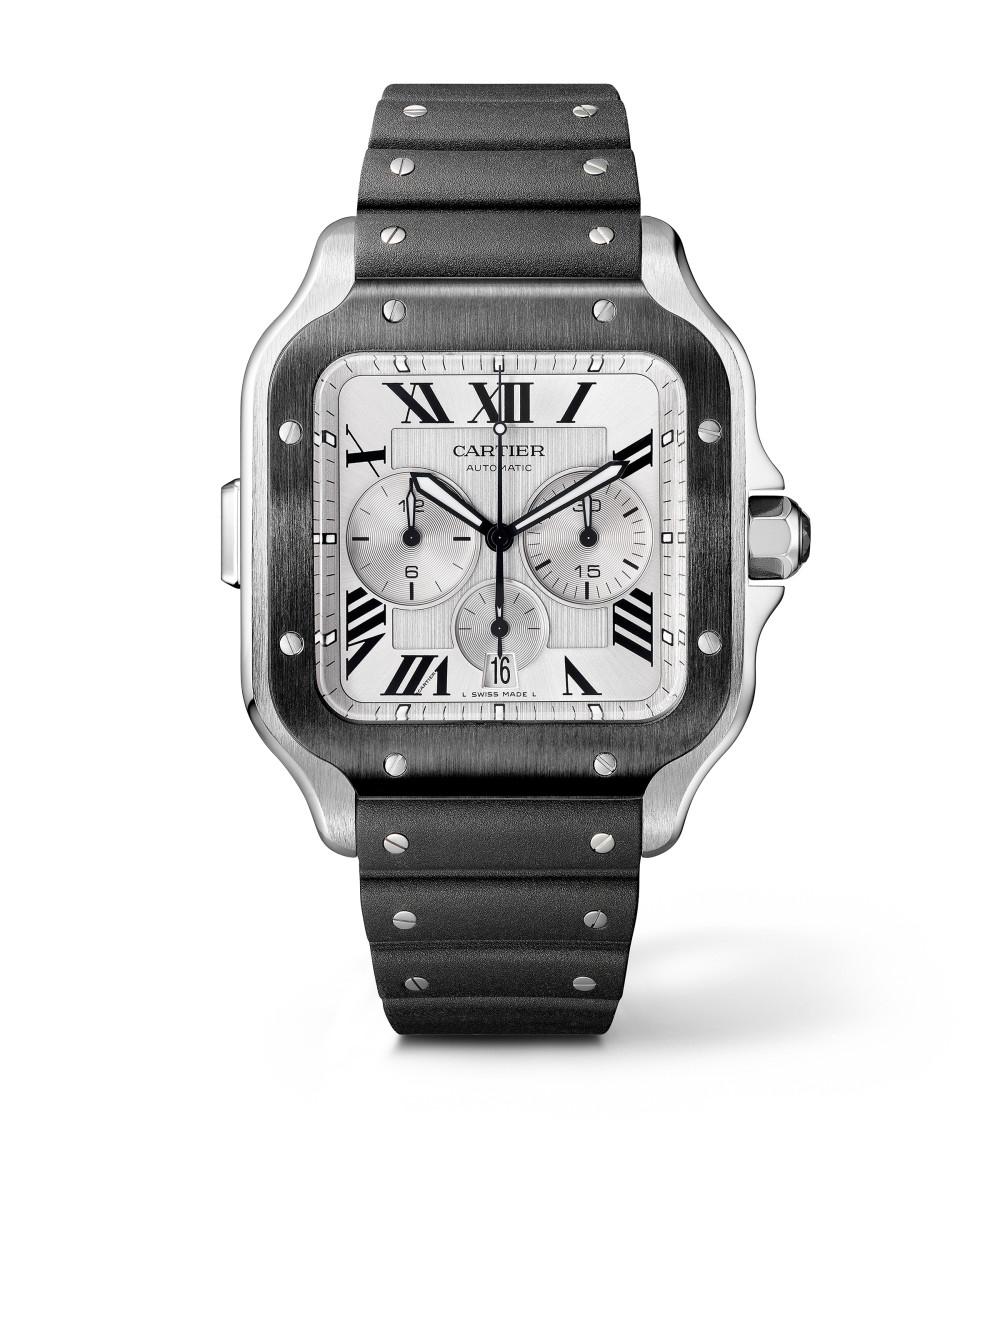 Santos de Cartier Chronograph - XL Modell 01